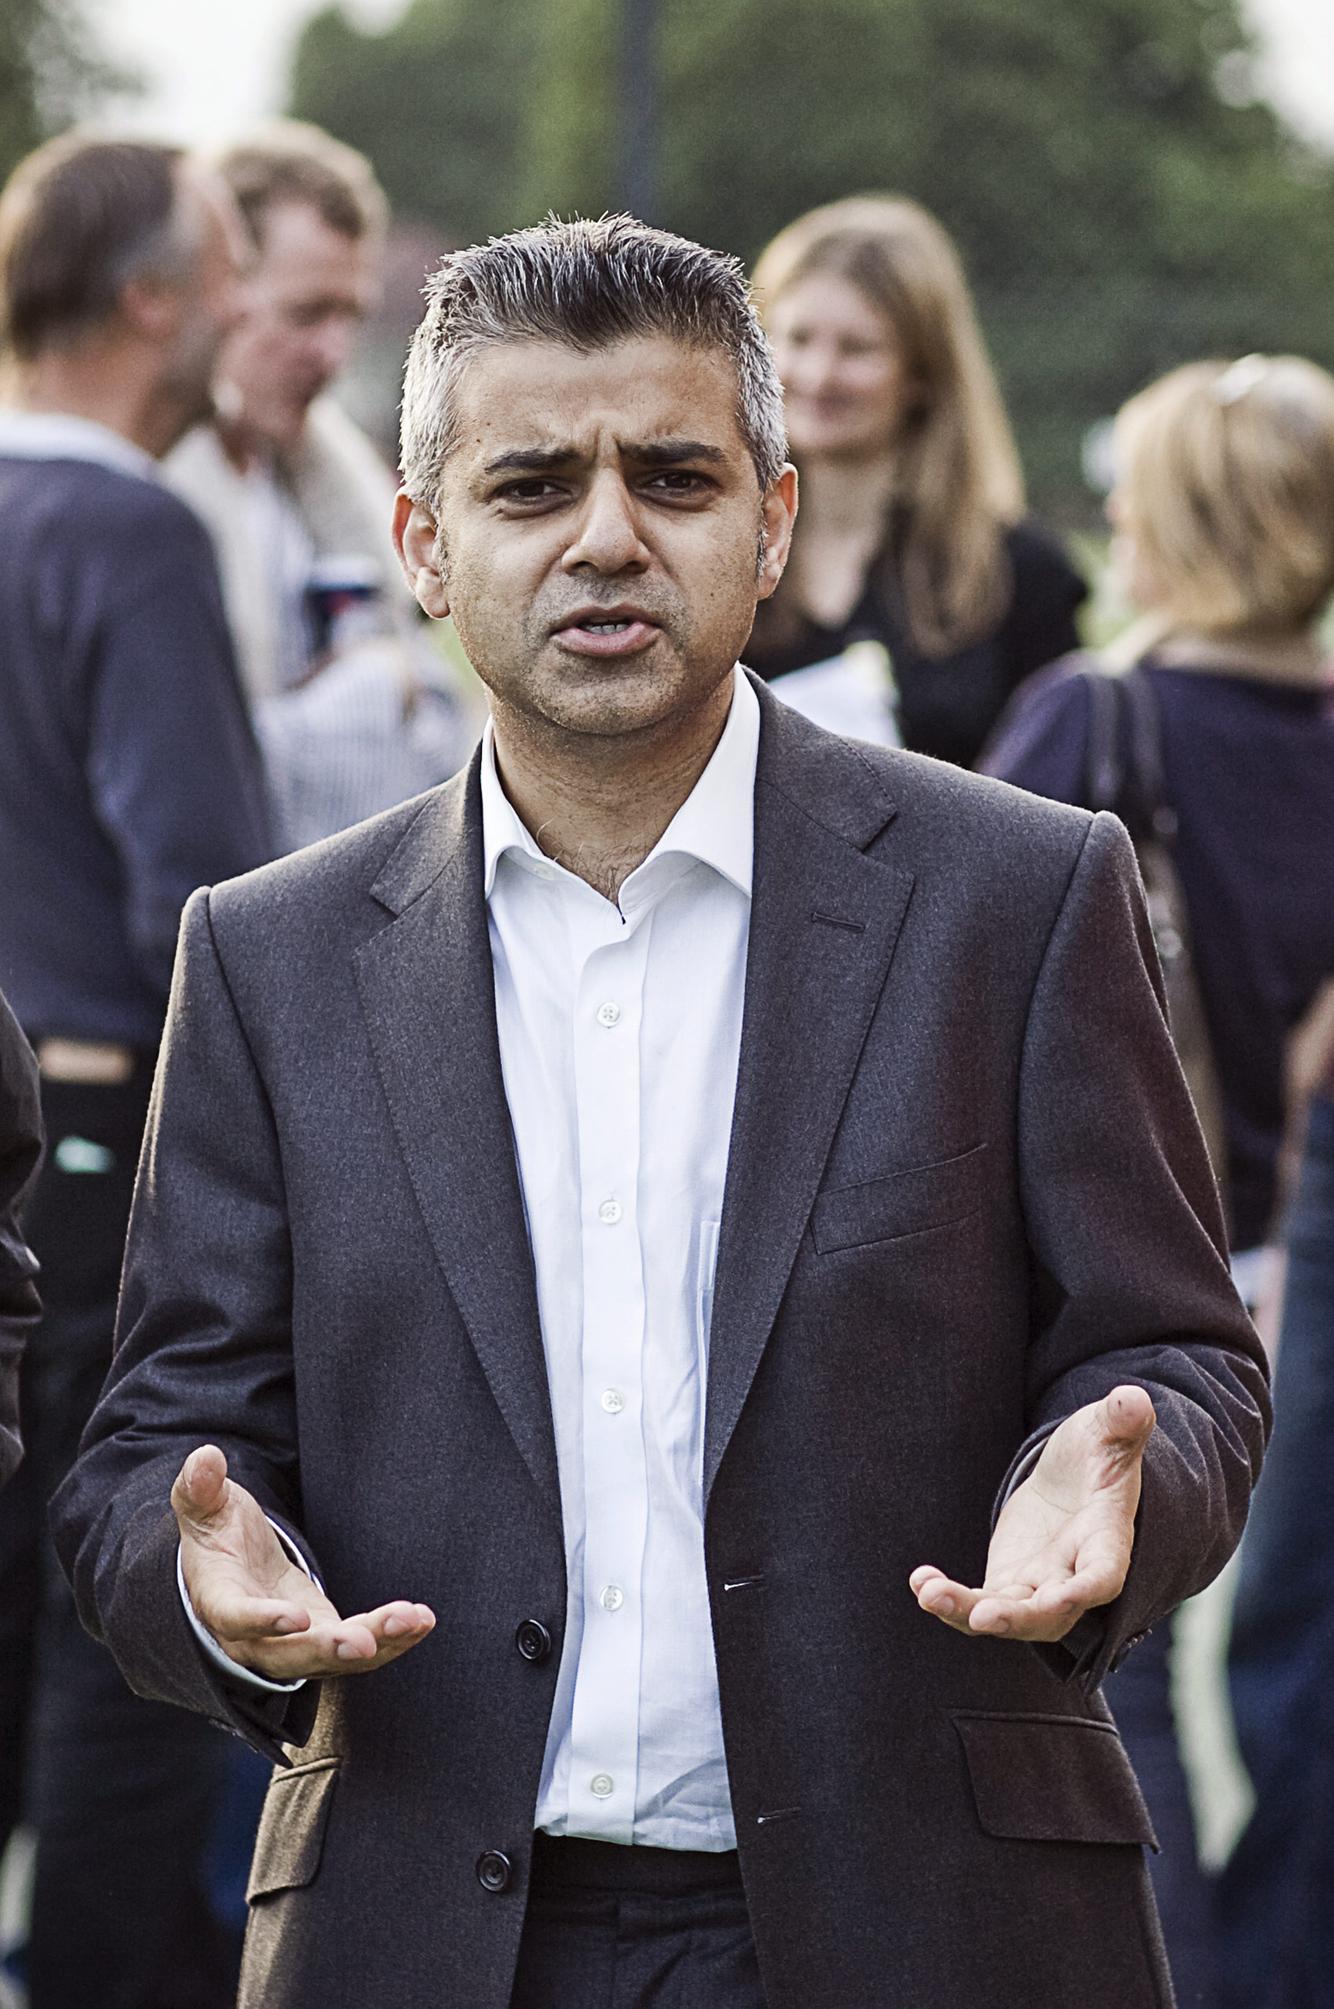 Sadiq-Khan-Mayor-of-London.jpg